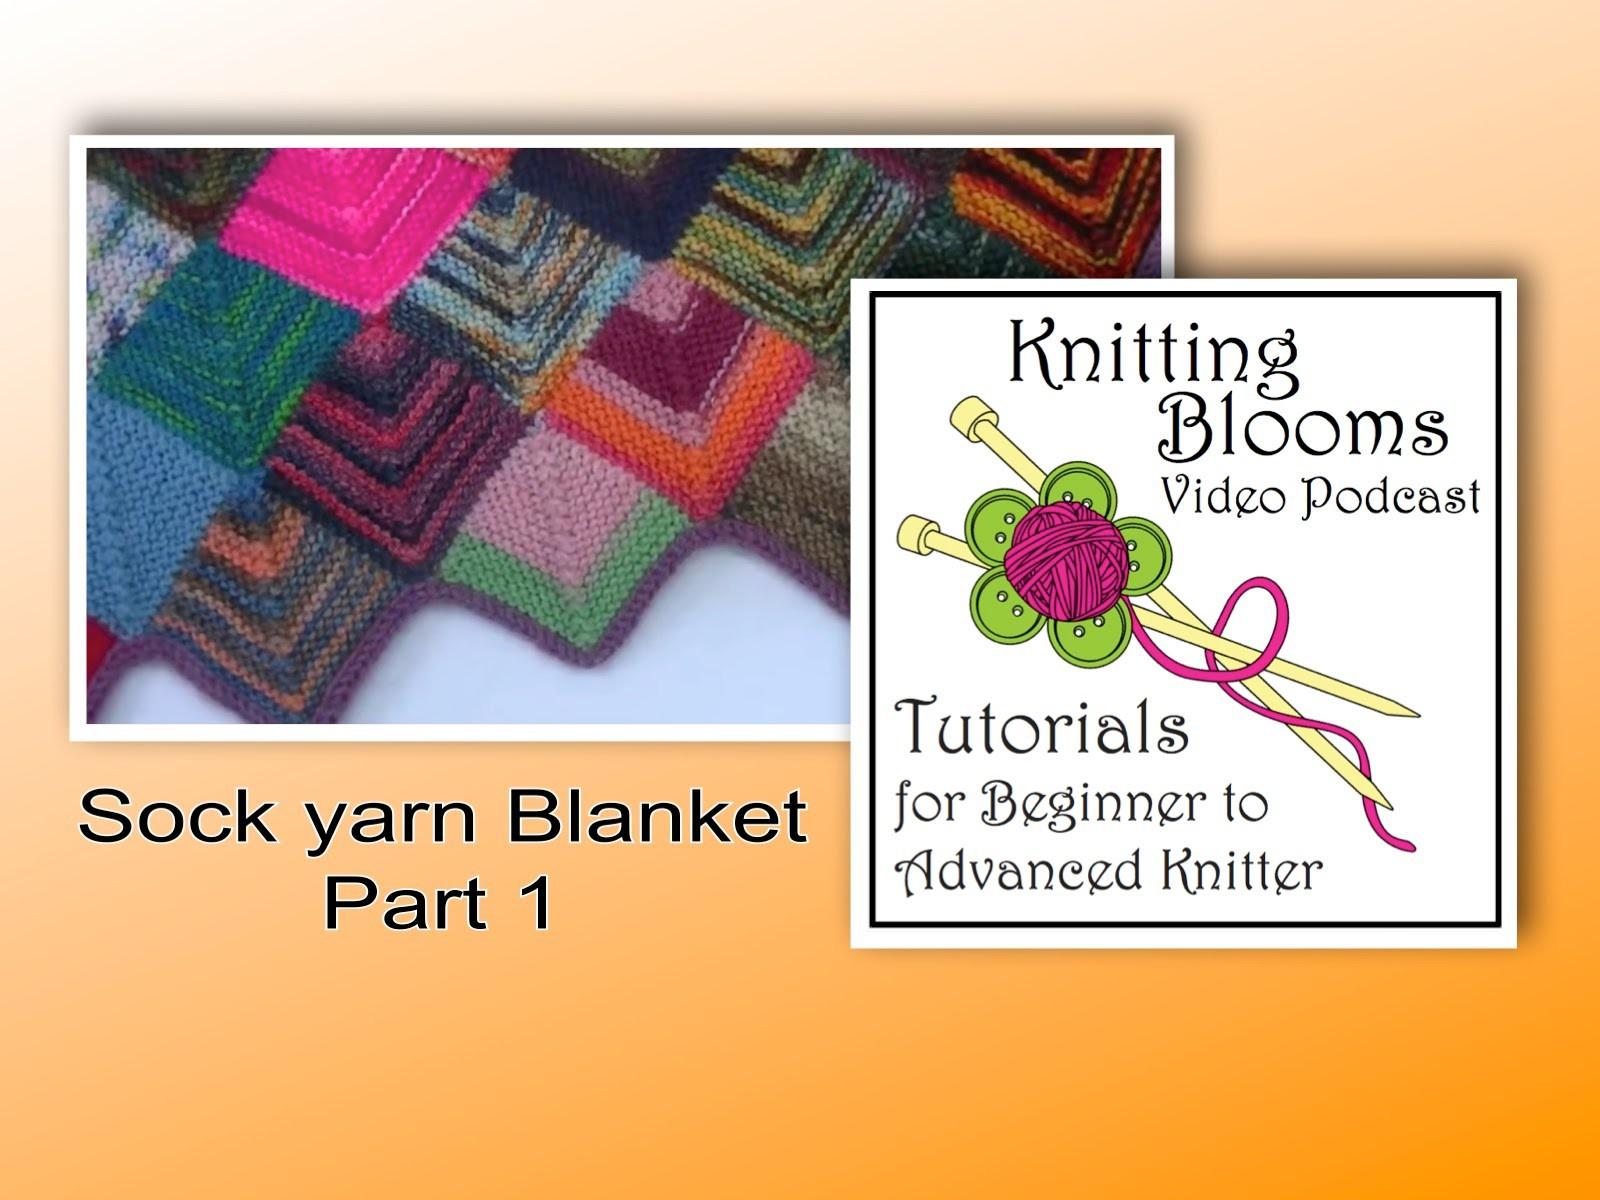 Sock Yarn Blanket Part 1 of 3 - Tutorial - Knitting Blooms